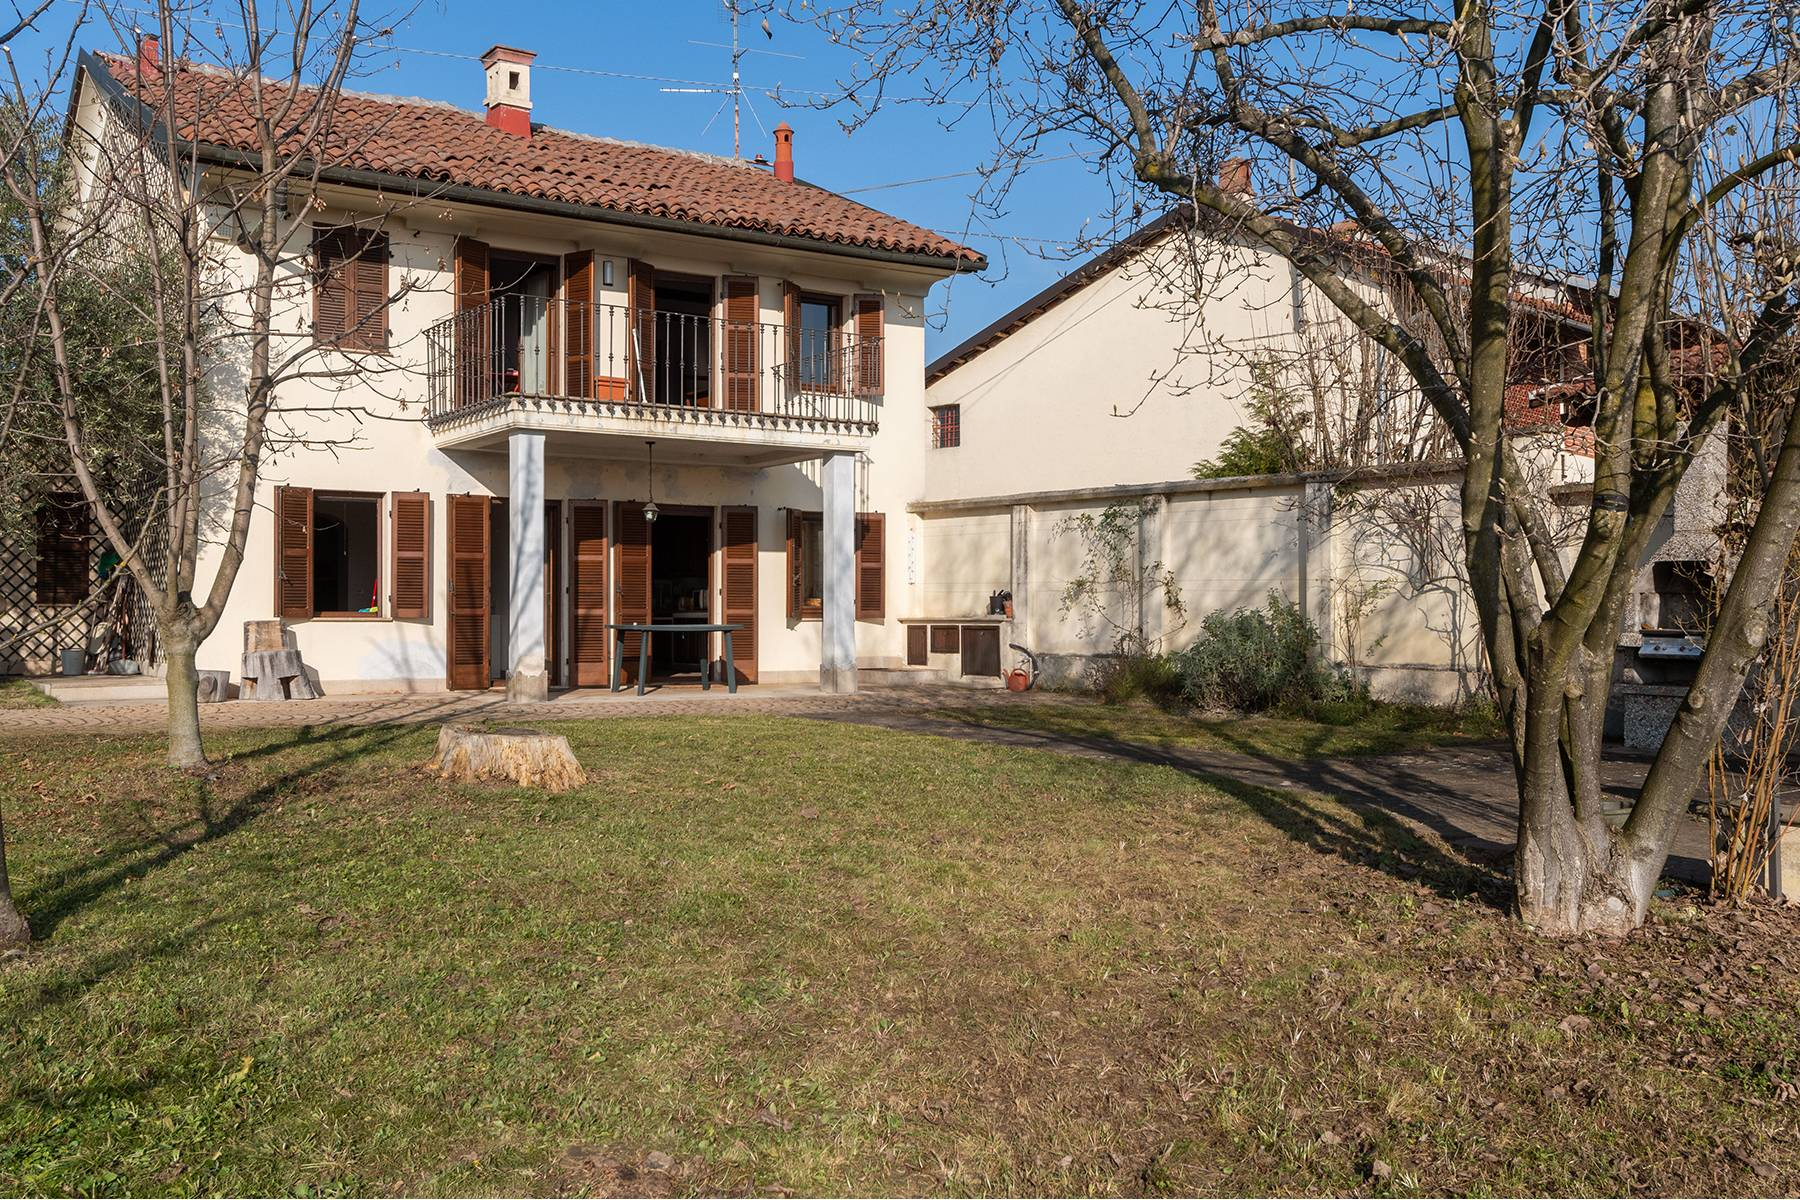 Villa mit Blick auf die Roero Gegend - 1